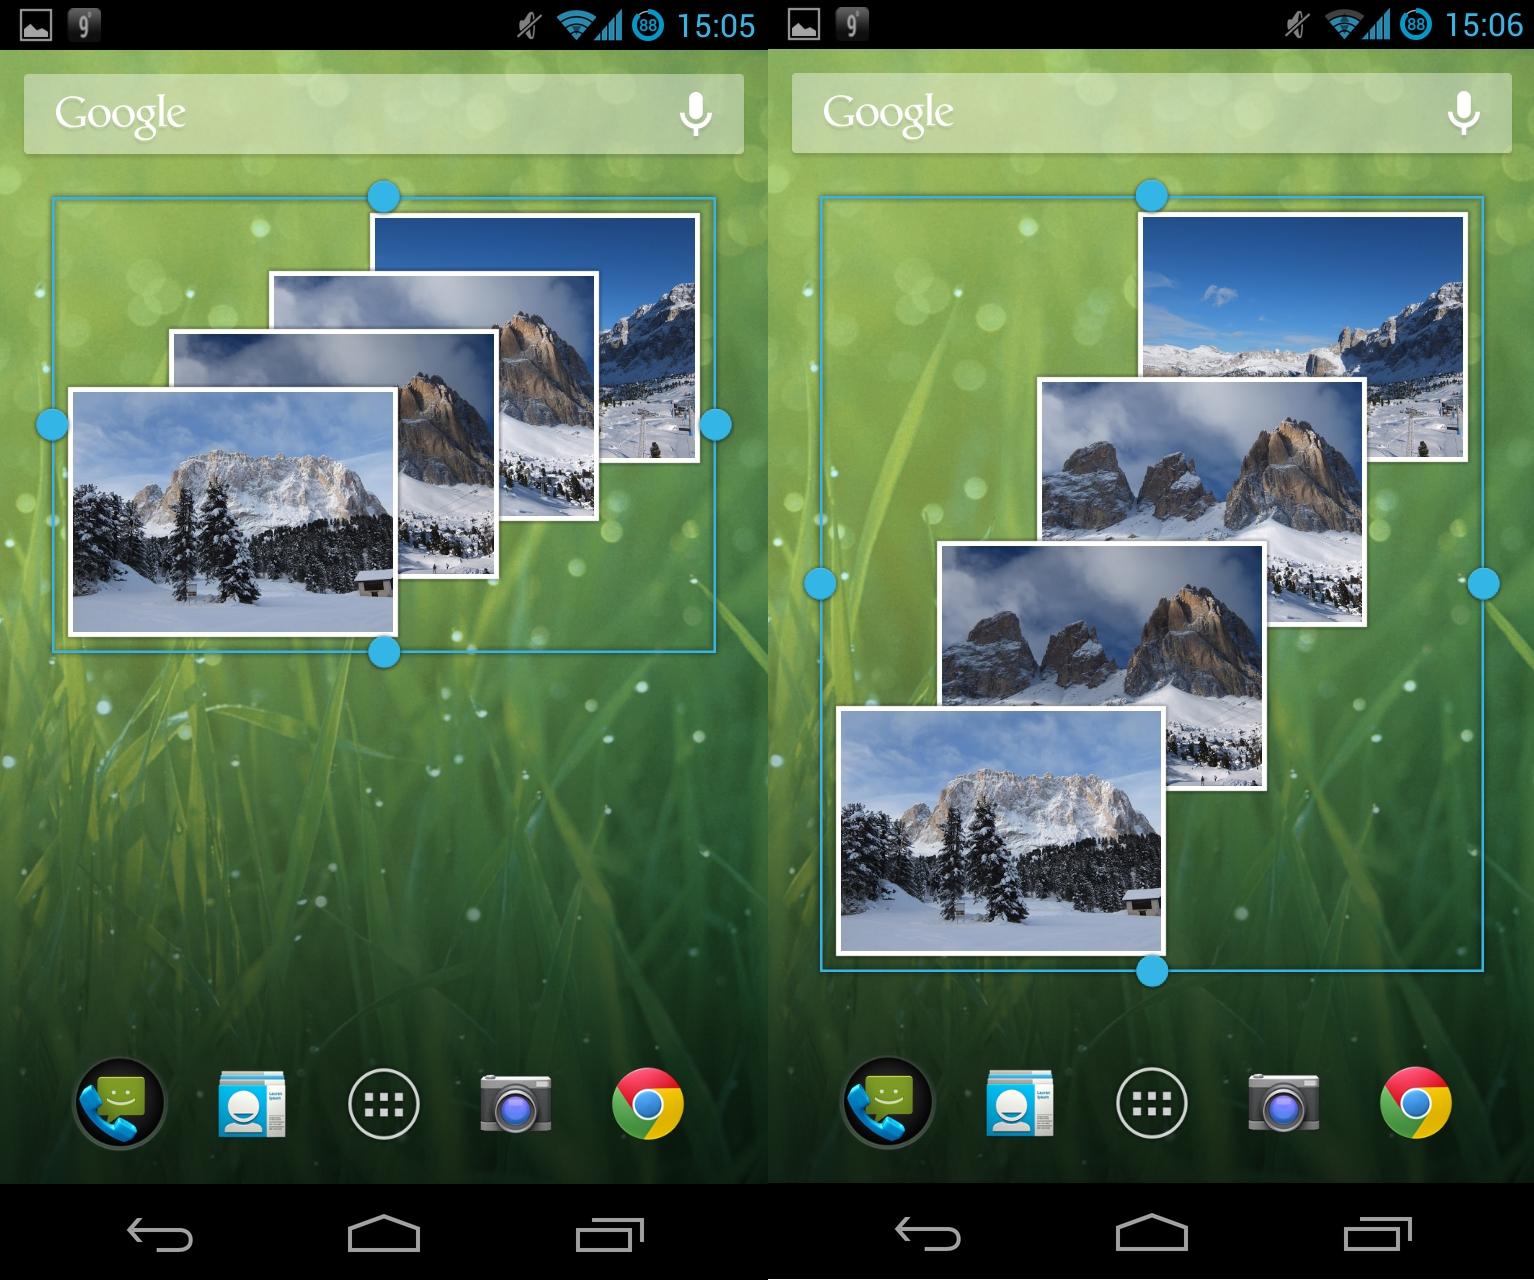 Ein echtes Highlight ist die Größenanpassung für Widgets, wodurch die verfügbare Bildschirmfläche besser ausgenutzt werden kann.